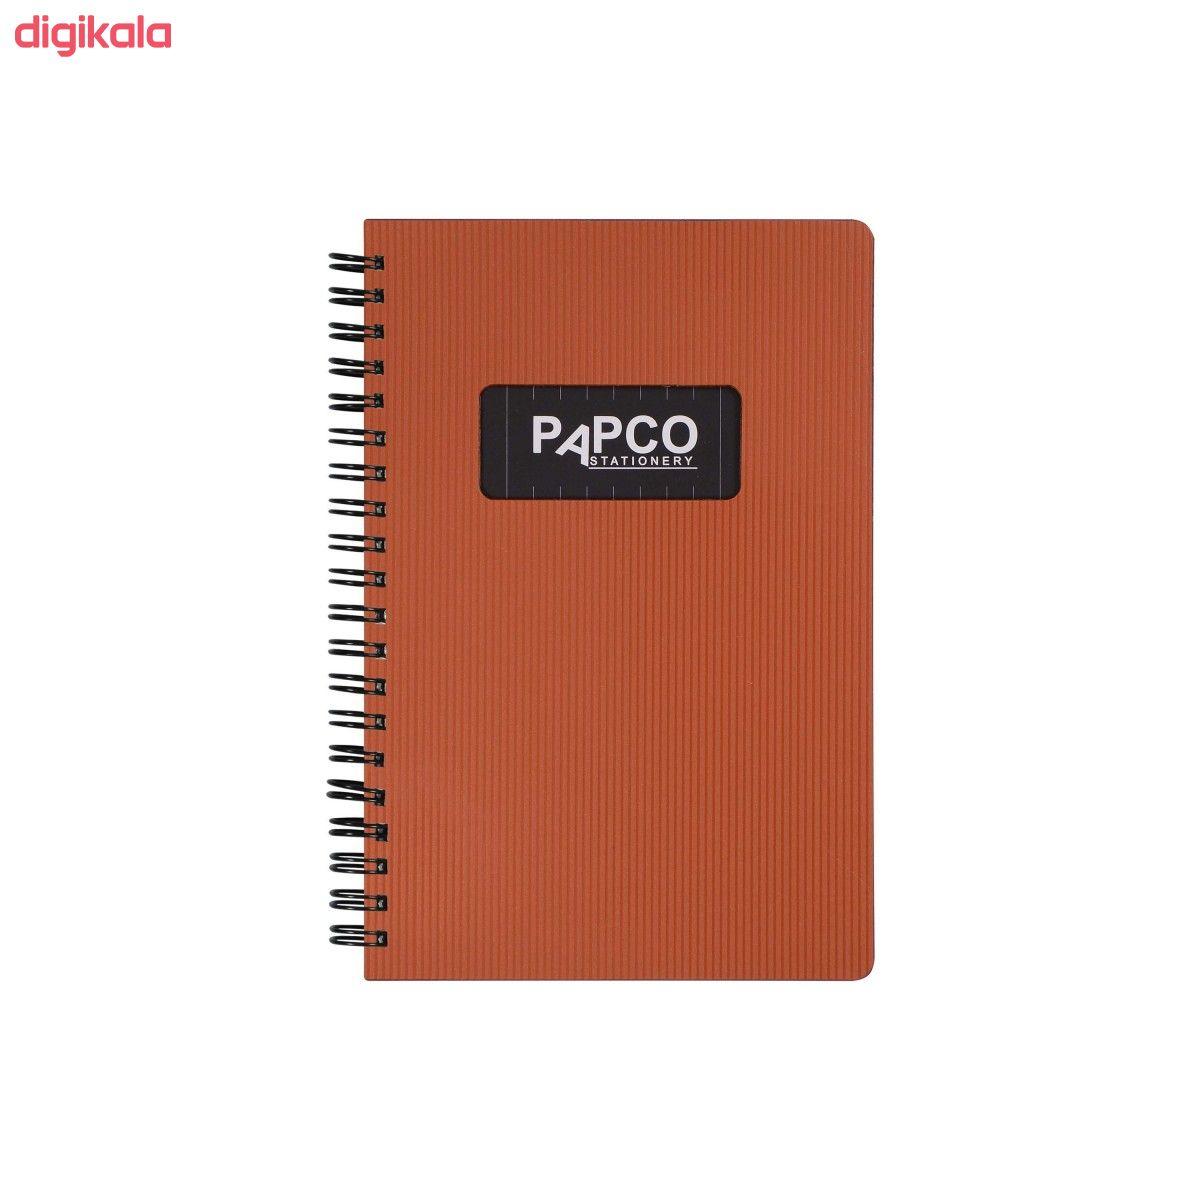 دفتر یادداشت زبان 100 برگ پاپکو مدل NB-643BC کد HT01 main 1 10